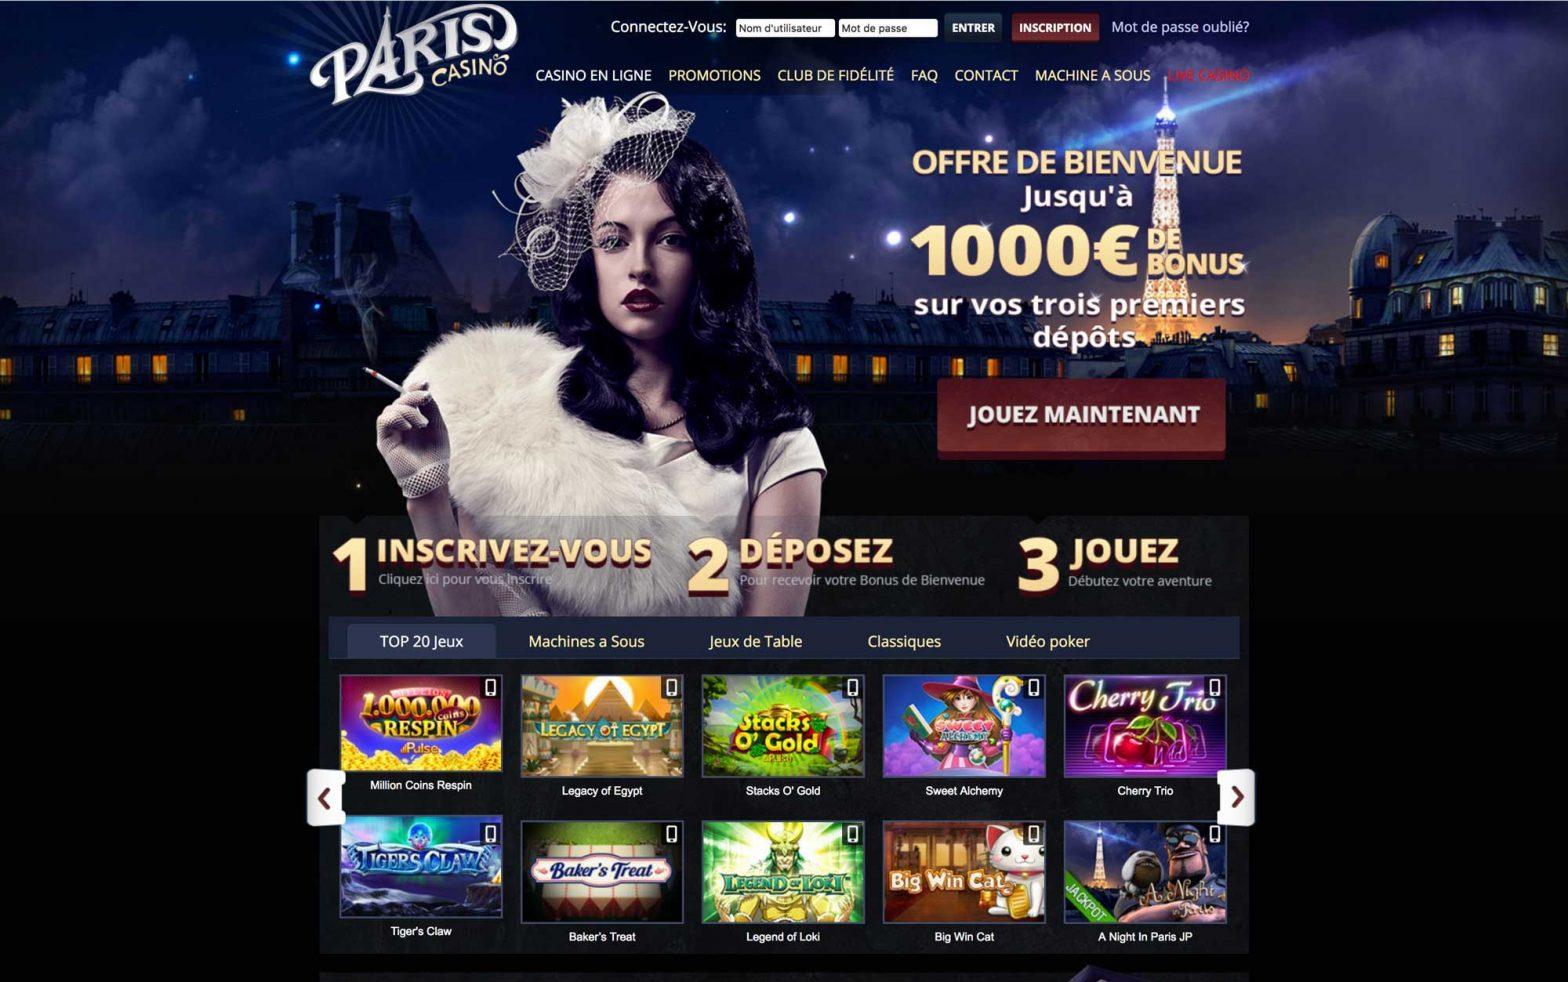 Casino Paris : la machine à sous